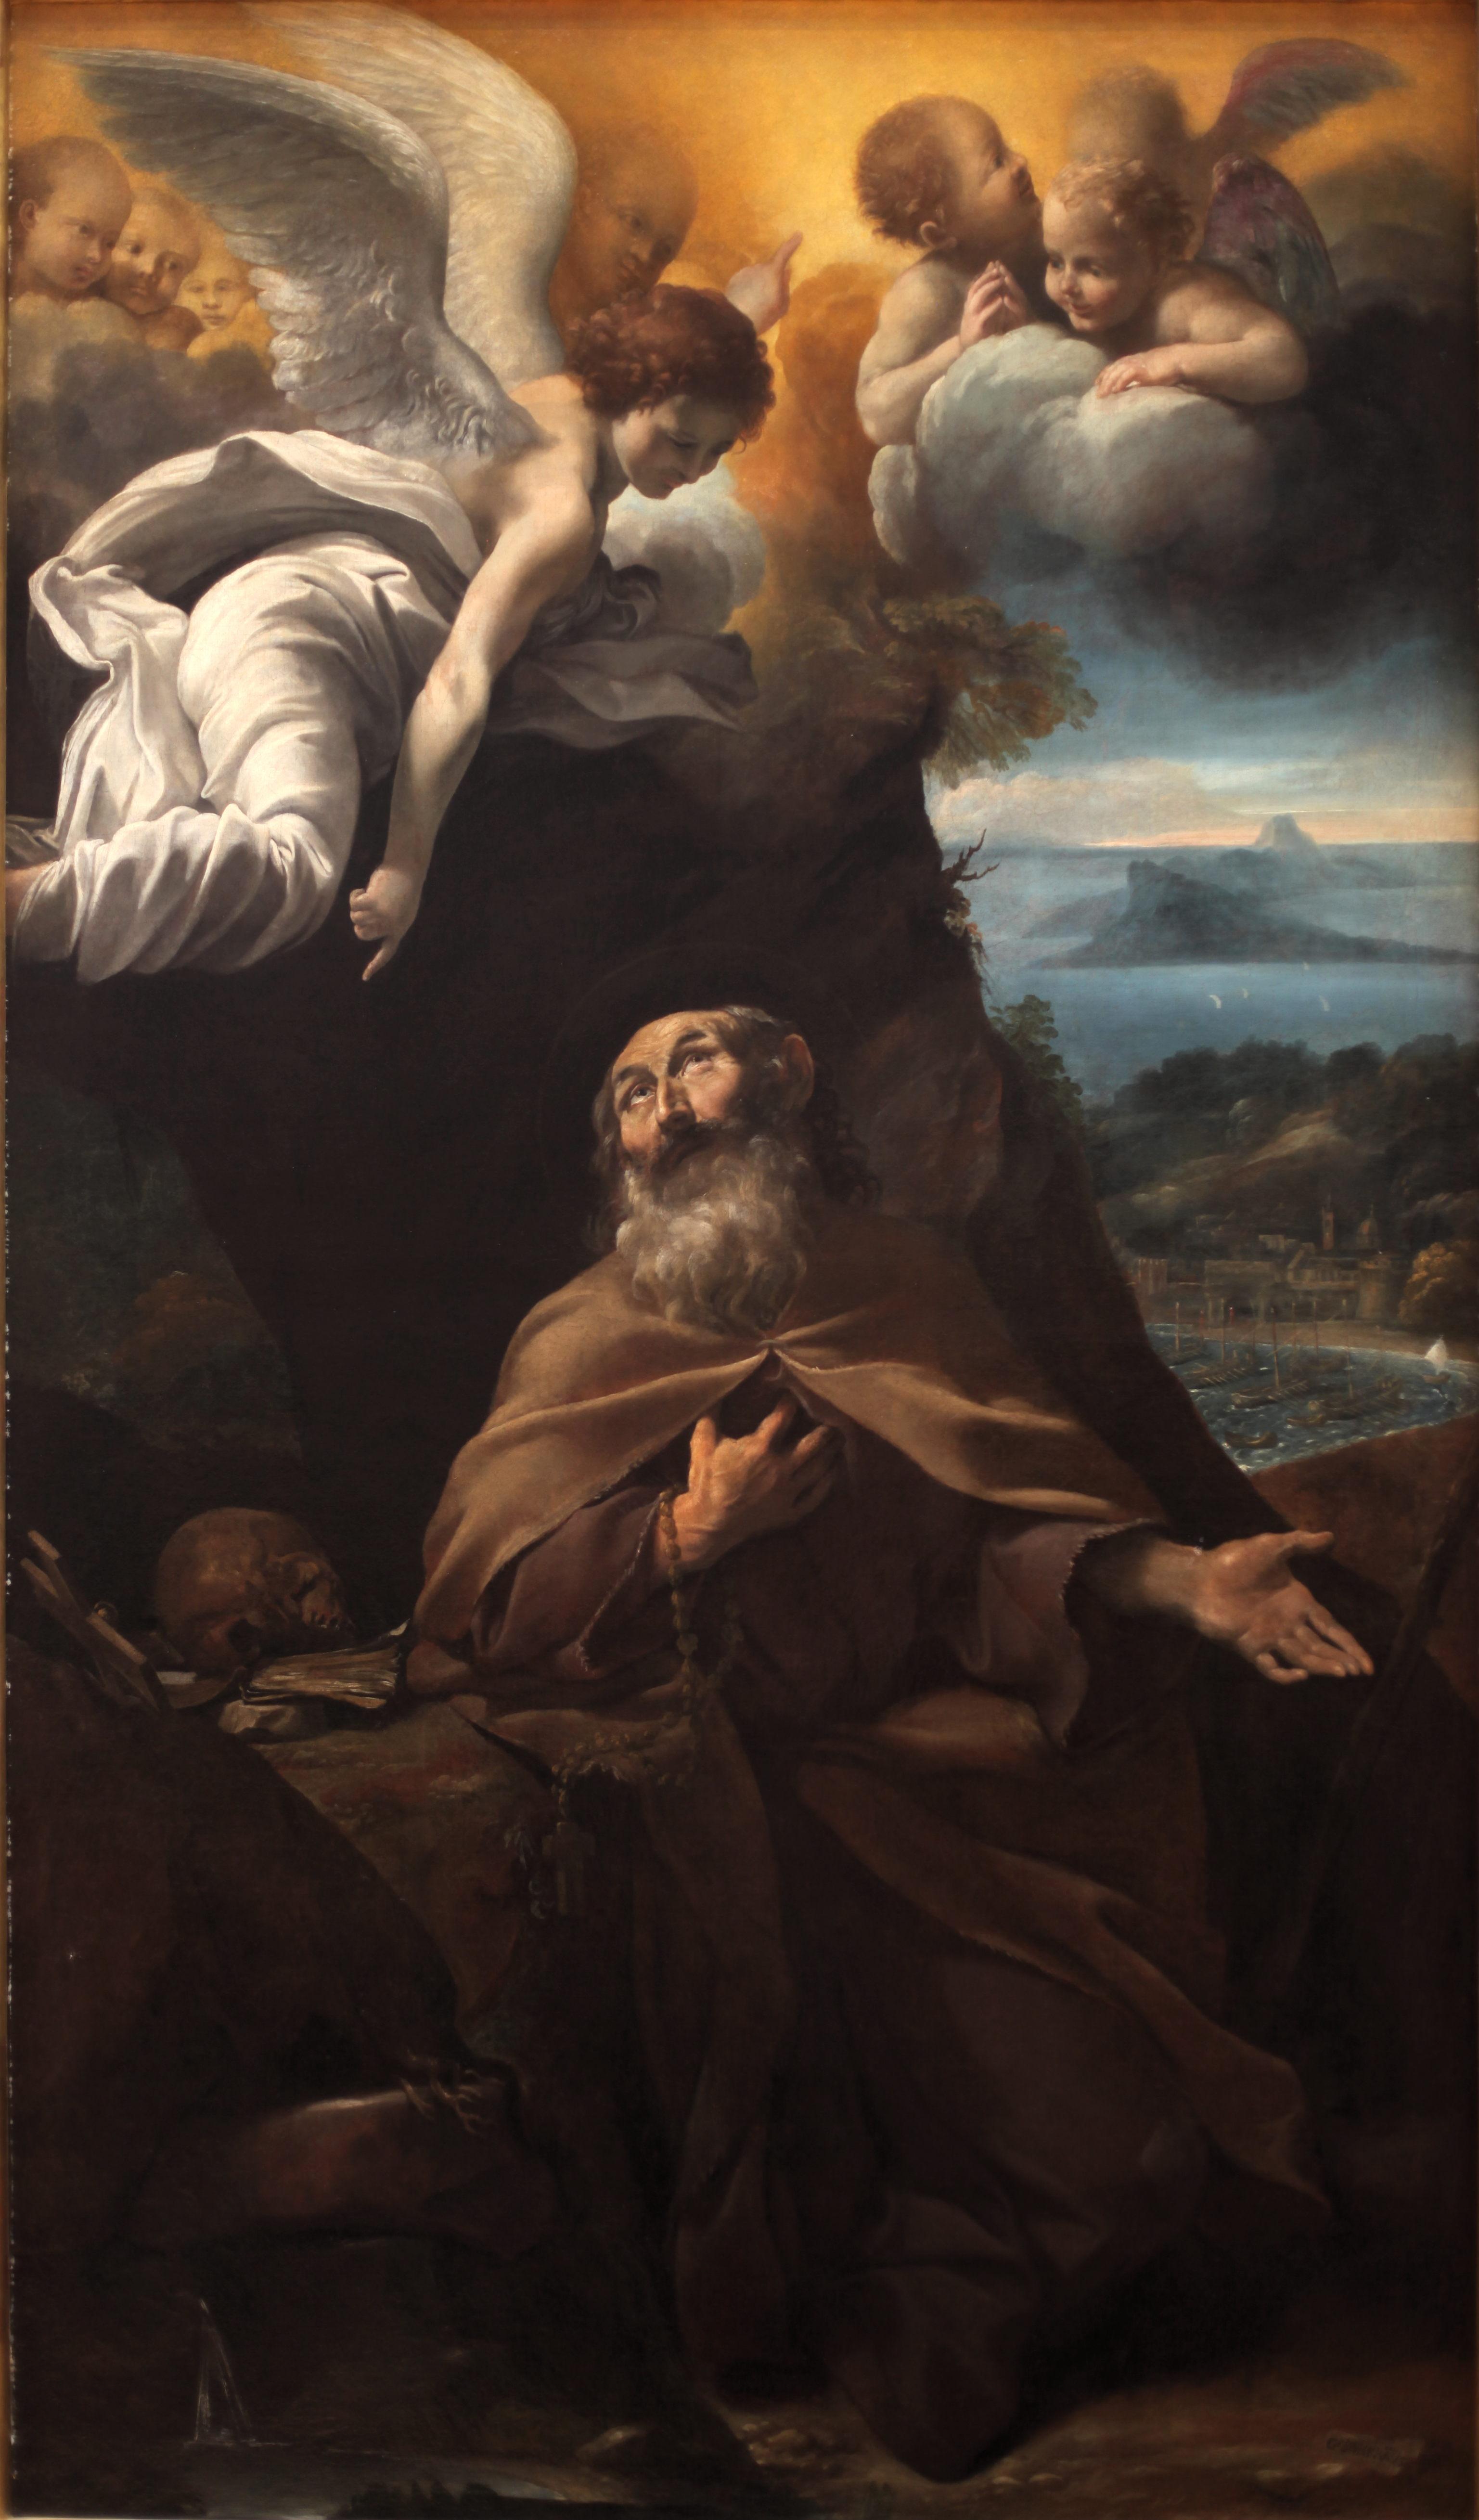 Giovanni Lanfranco, Der hl. Konrad Confalonieri, 1608, Musée des Beaux-Arts de Lyon